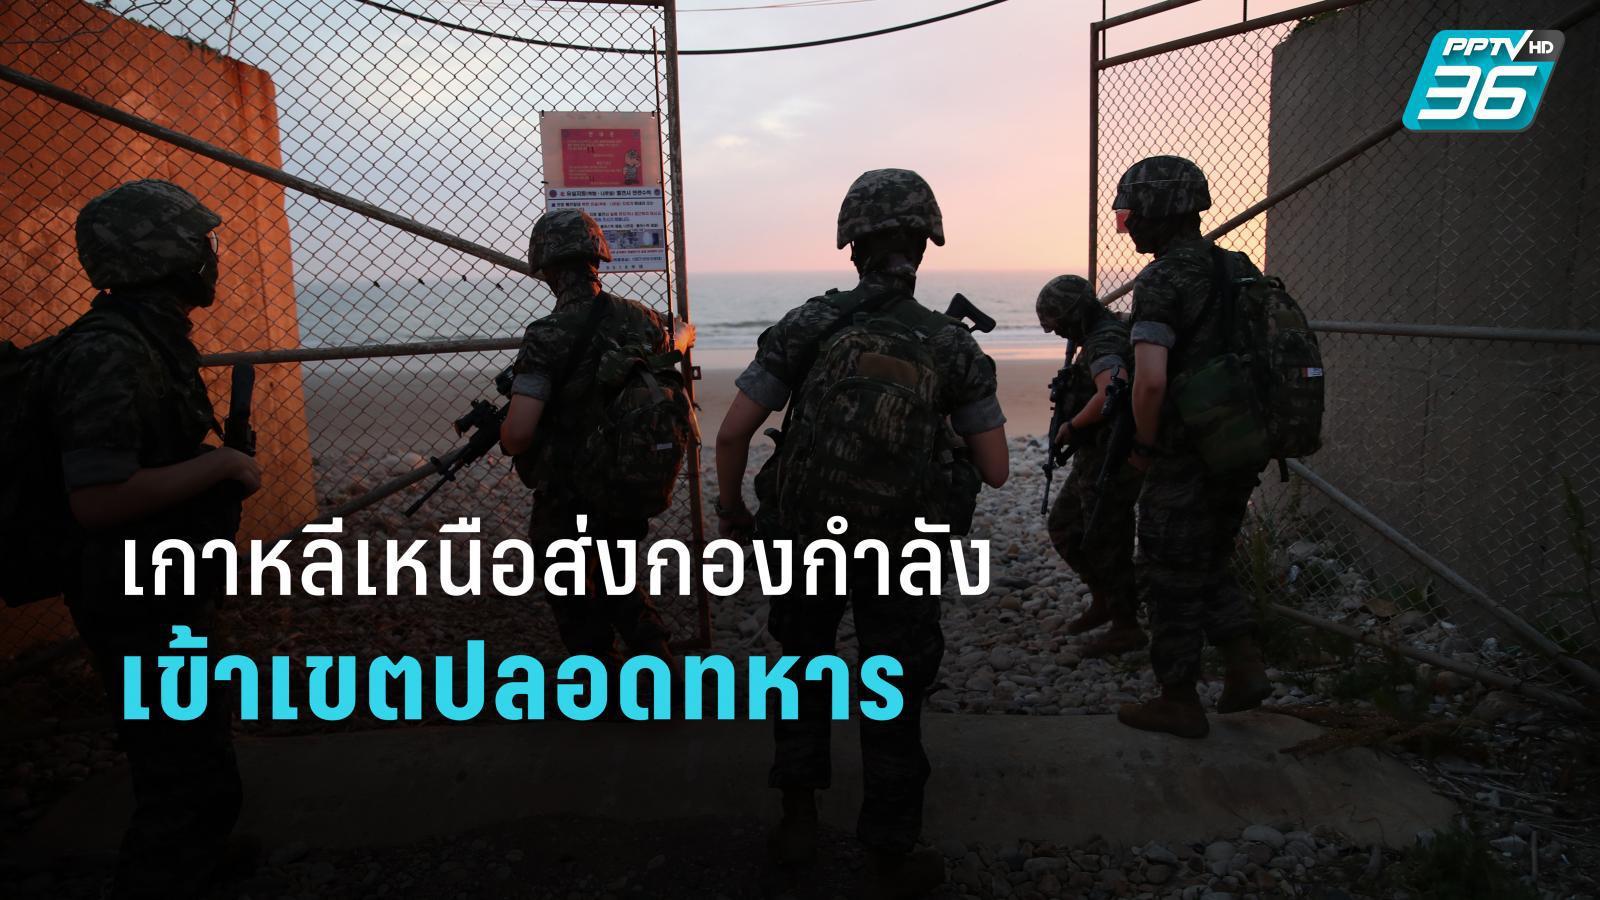 """เกาหลีเหนือส่งกำลังทหารเข้าประจำการ """"เขตปลอดทหาร"""""""